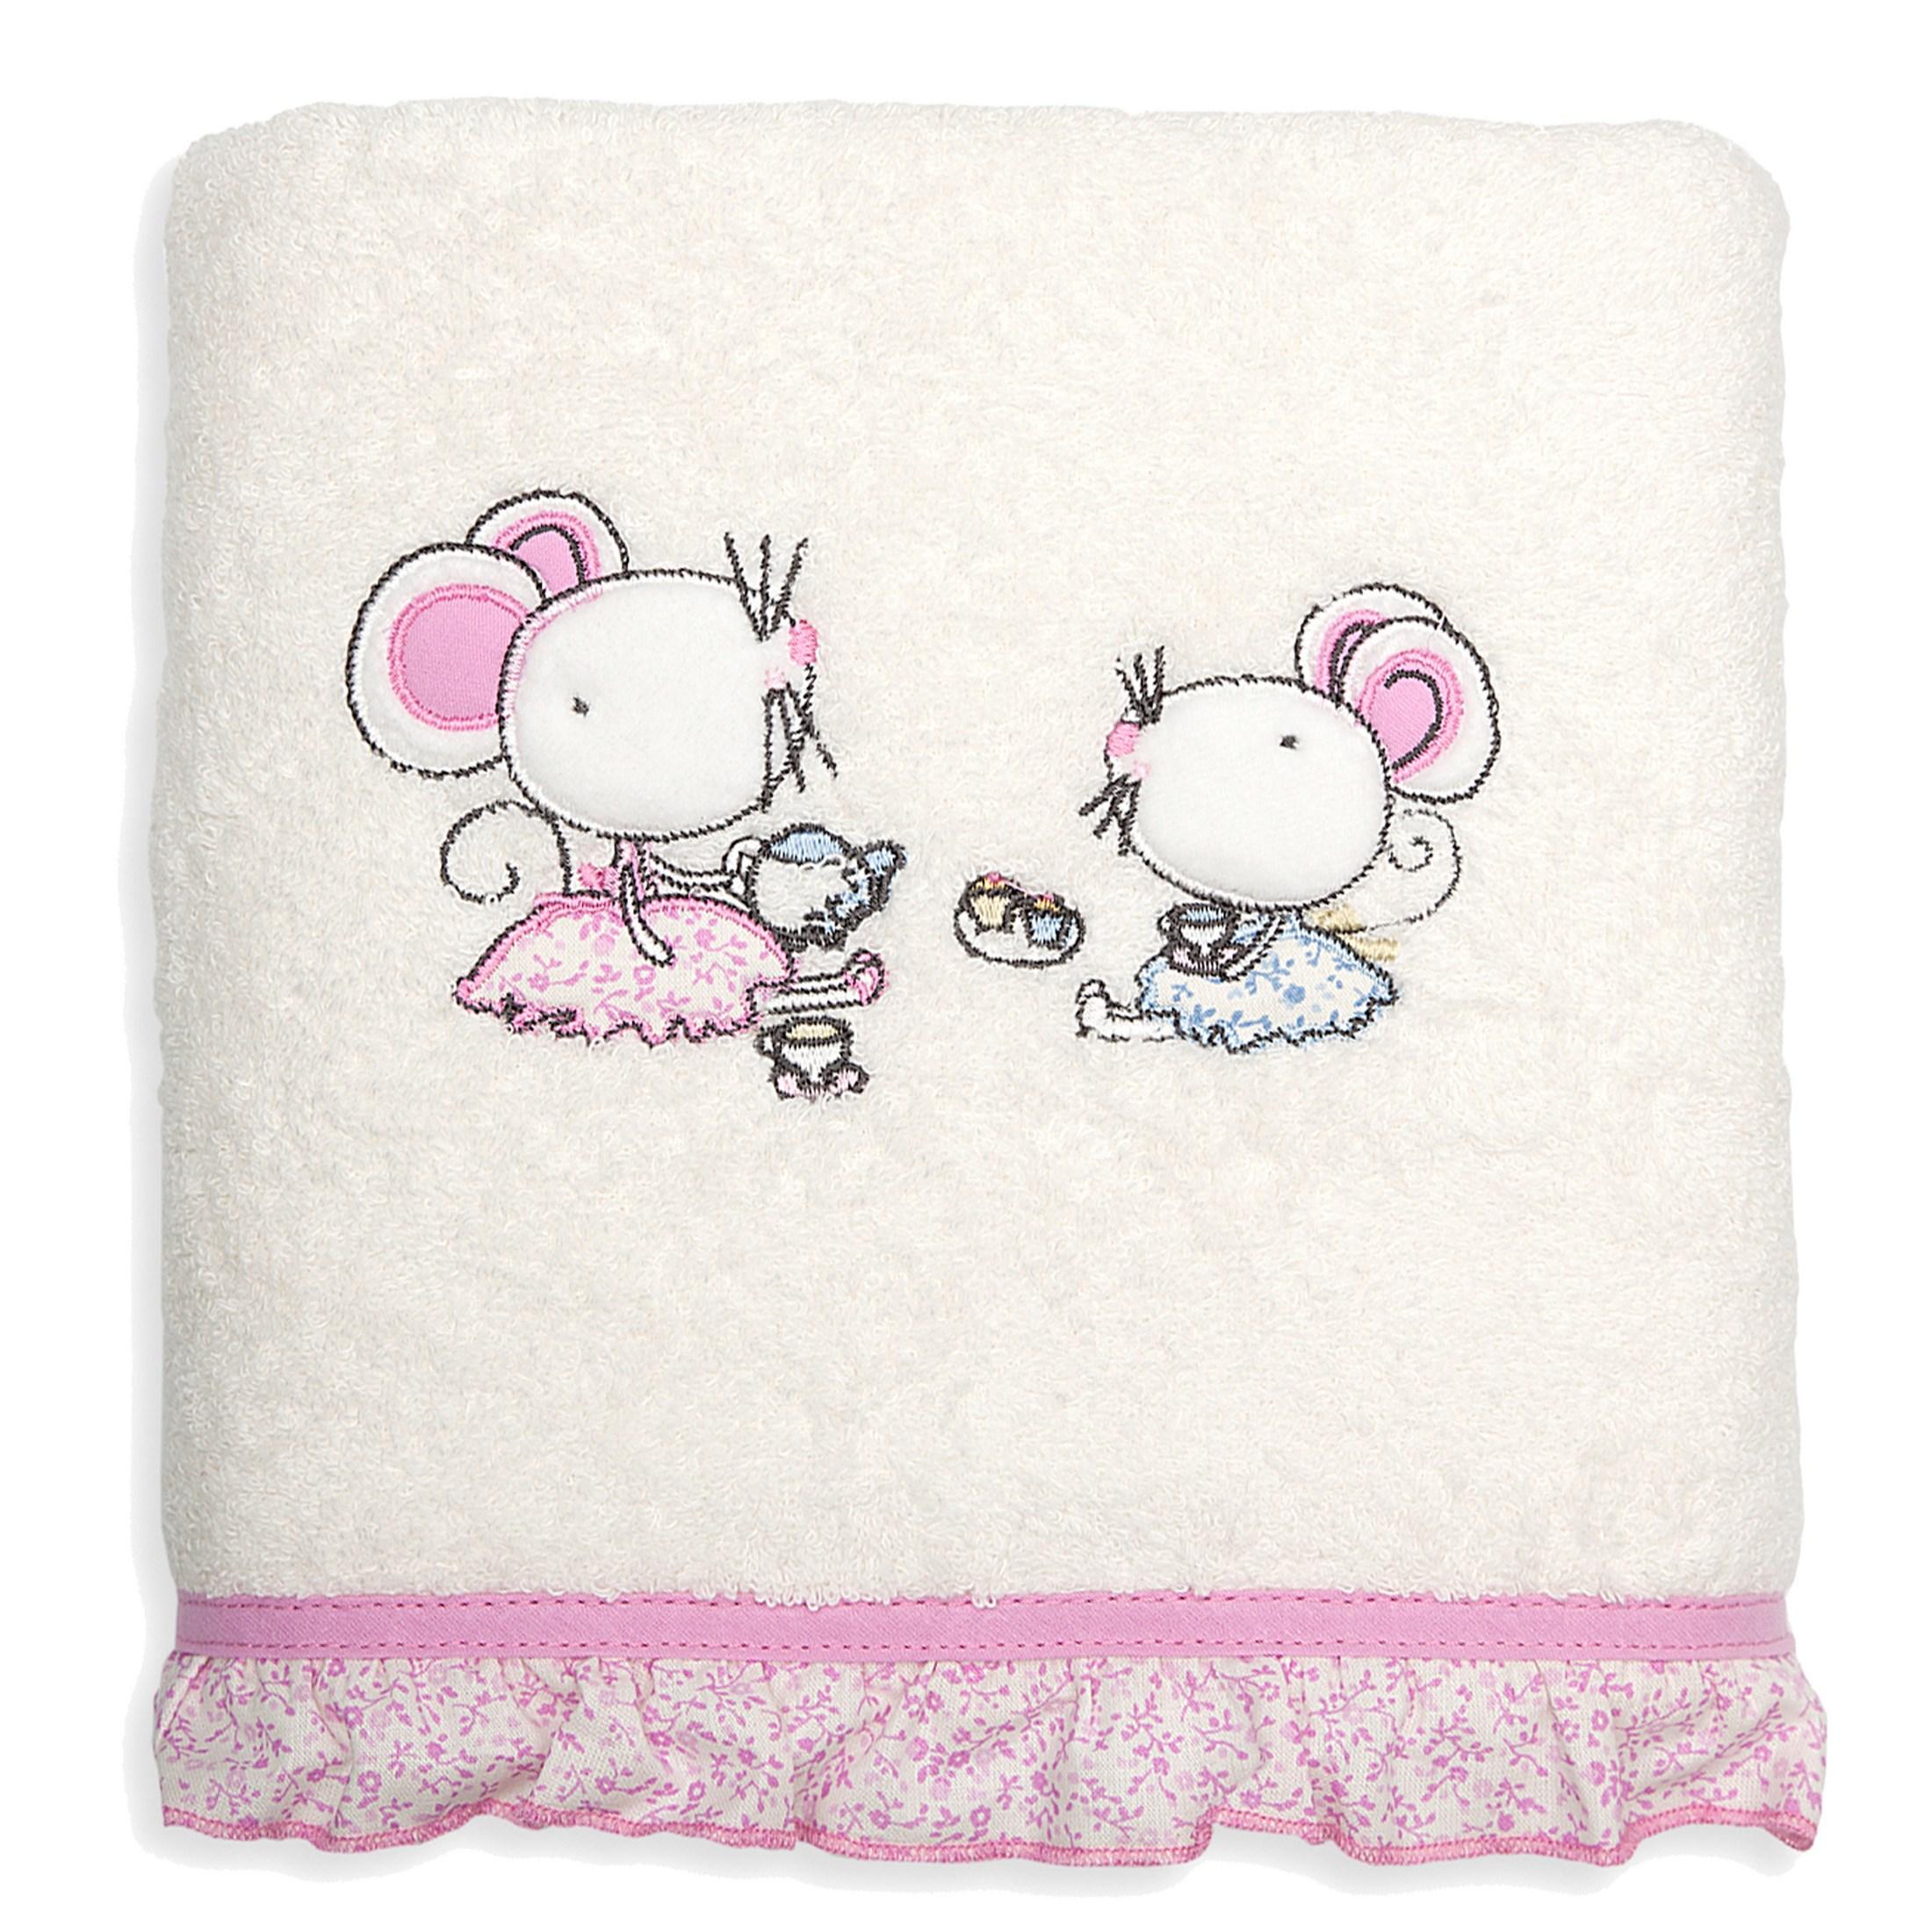 Dětský ručník BABY1 50x90 Ručníky a osušky